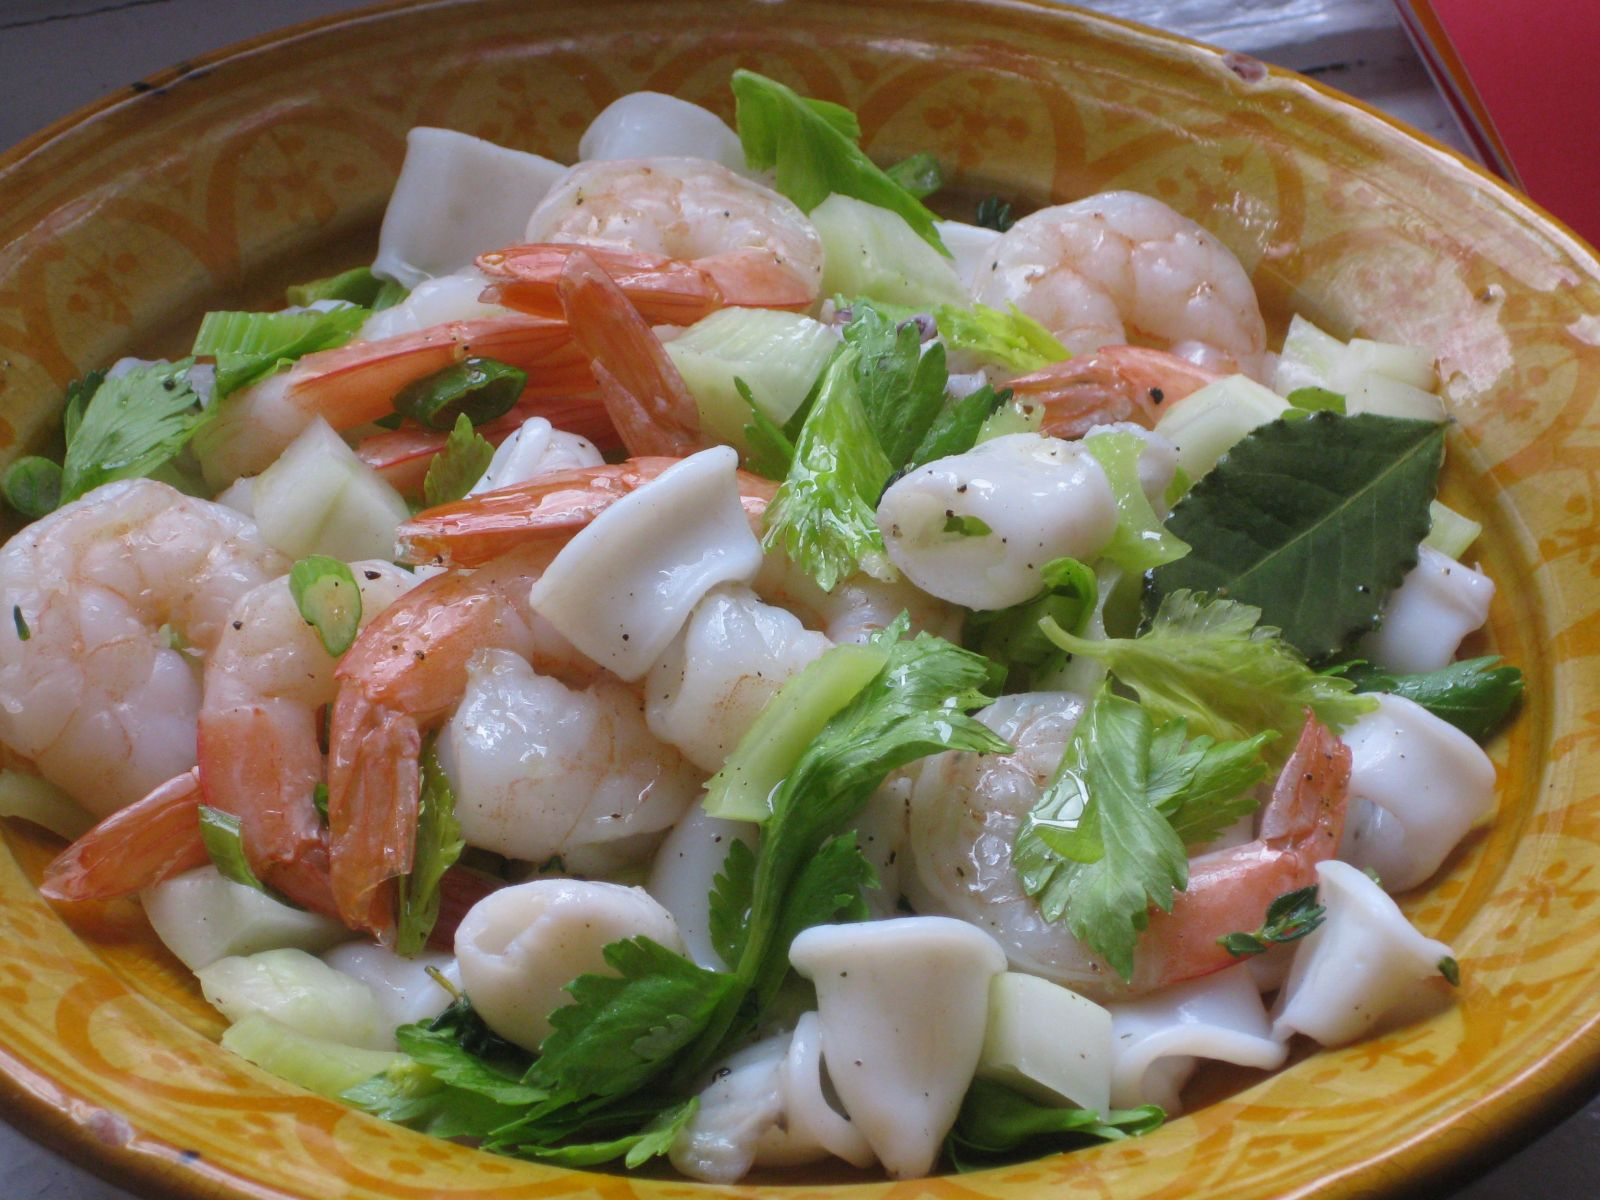 Салат с крабовыми палочками: топ 5 вариантов - фото №1